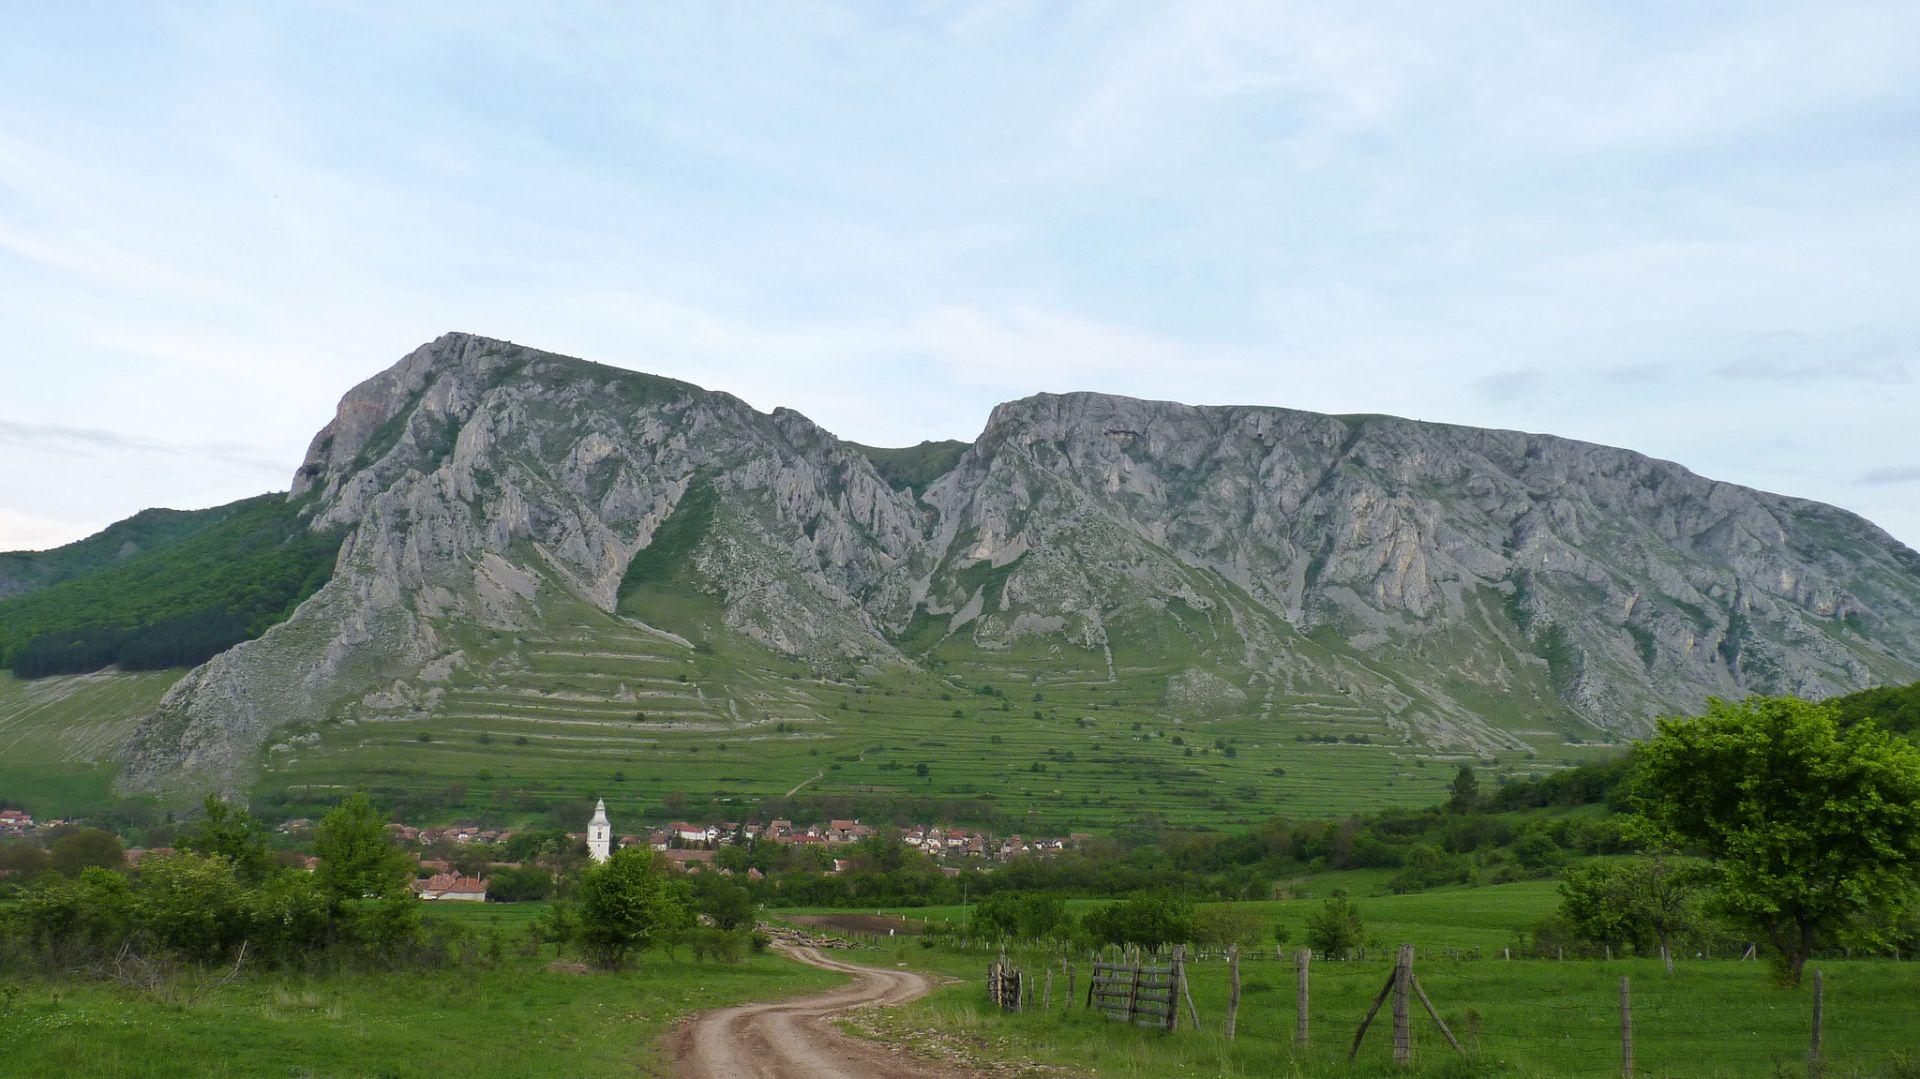 Rimetea village and Piatra Secuiului